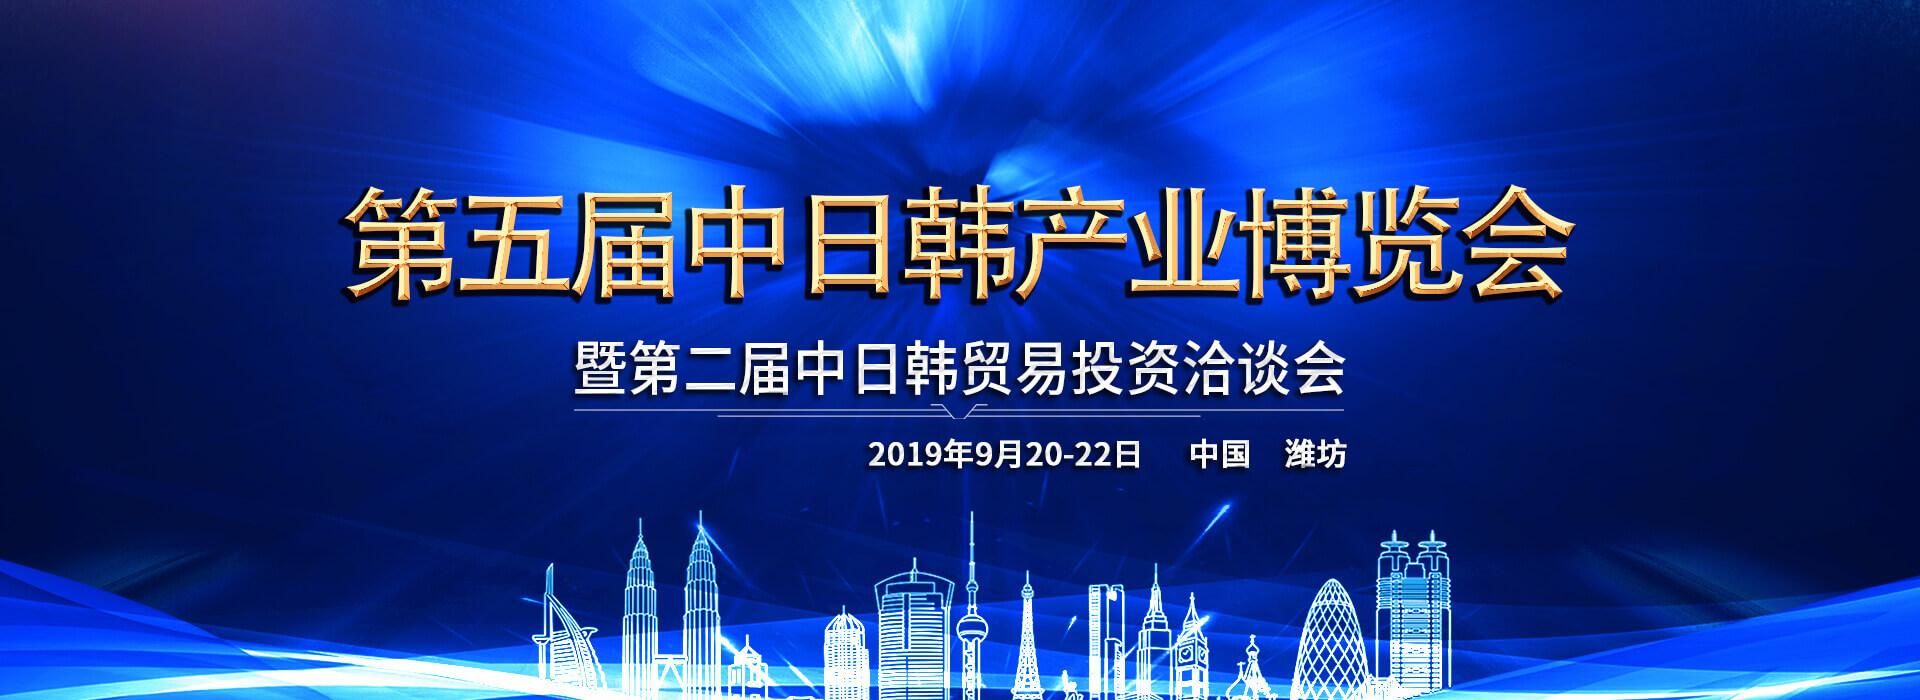 第五届中日韩产业博览会